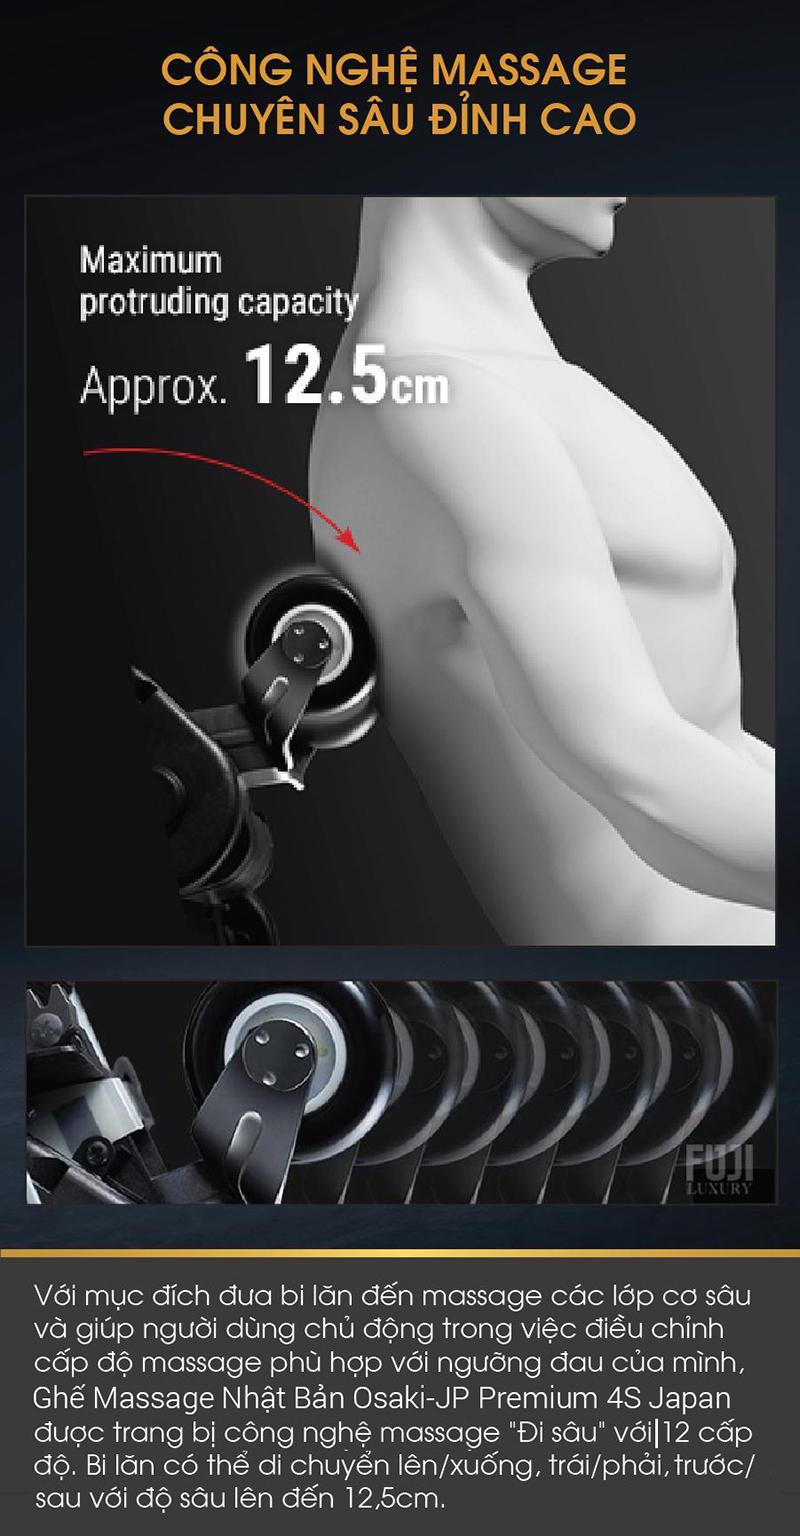 Con lăn 4D và hệ thống túi khí 3 chế độ